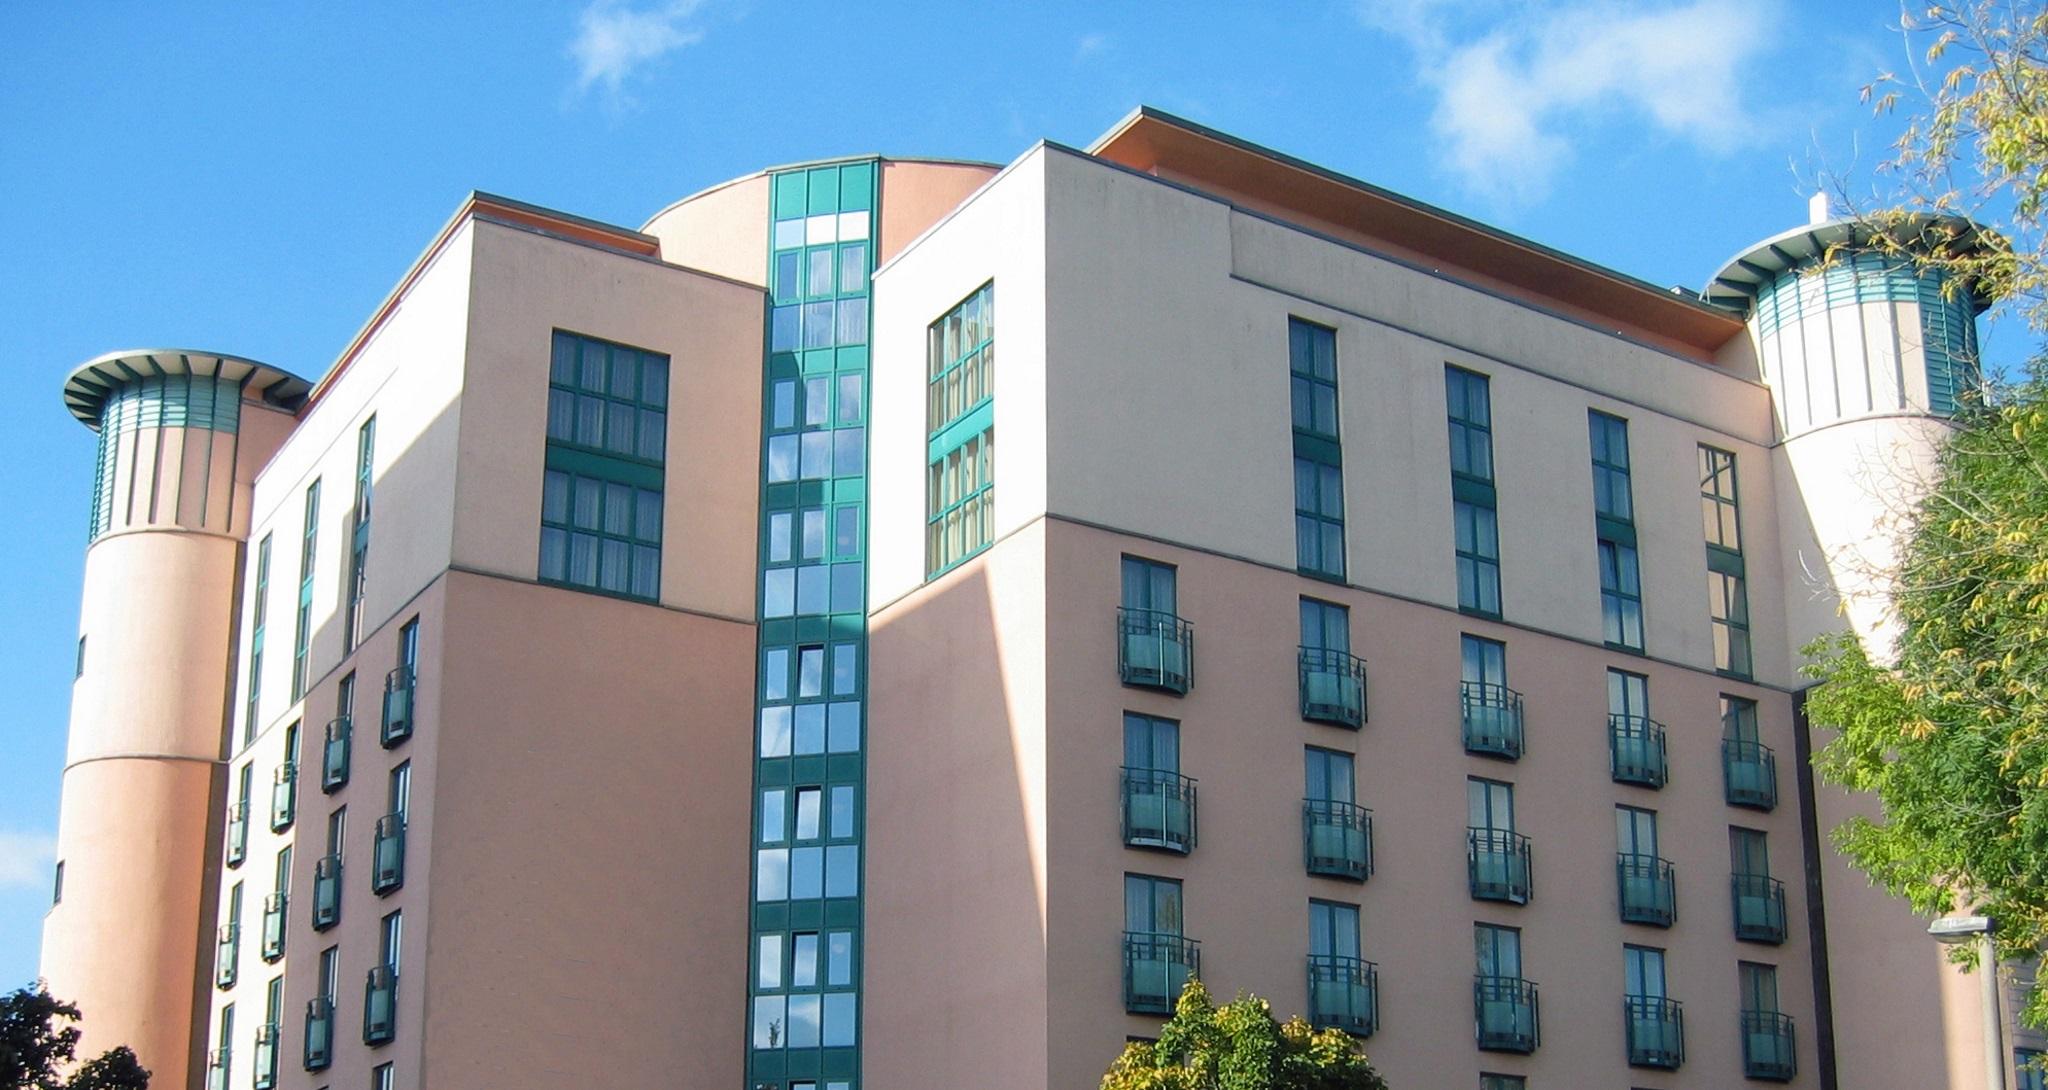 MAXX Hotel Jena, Jena